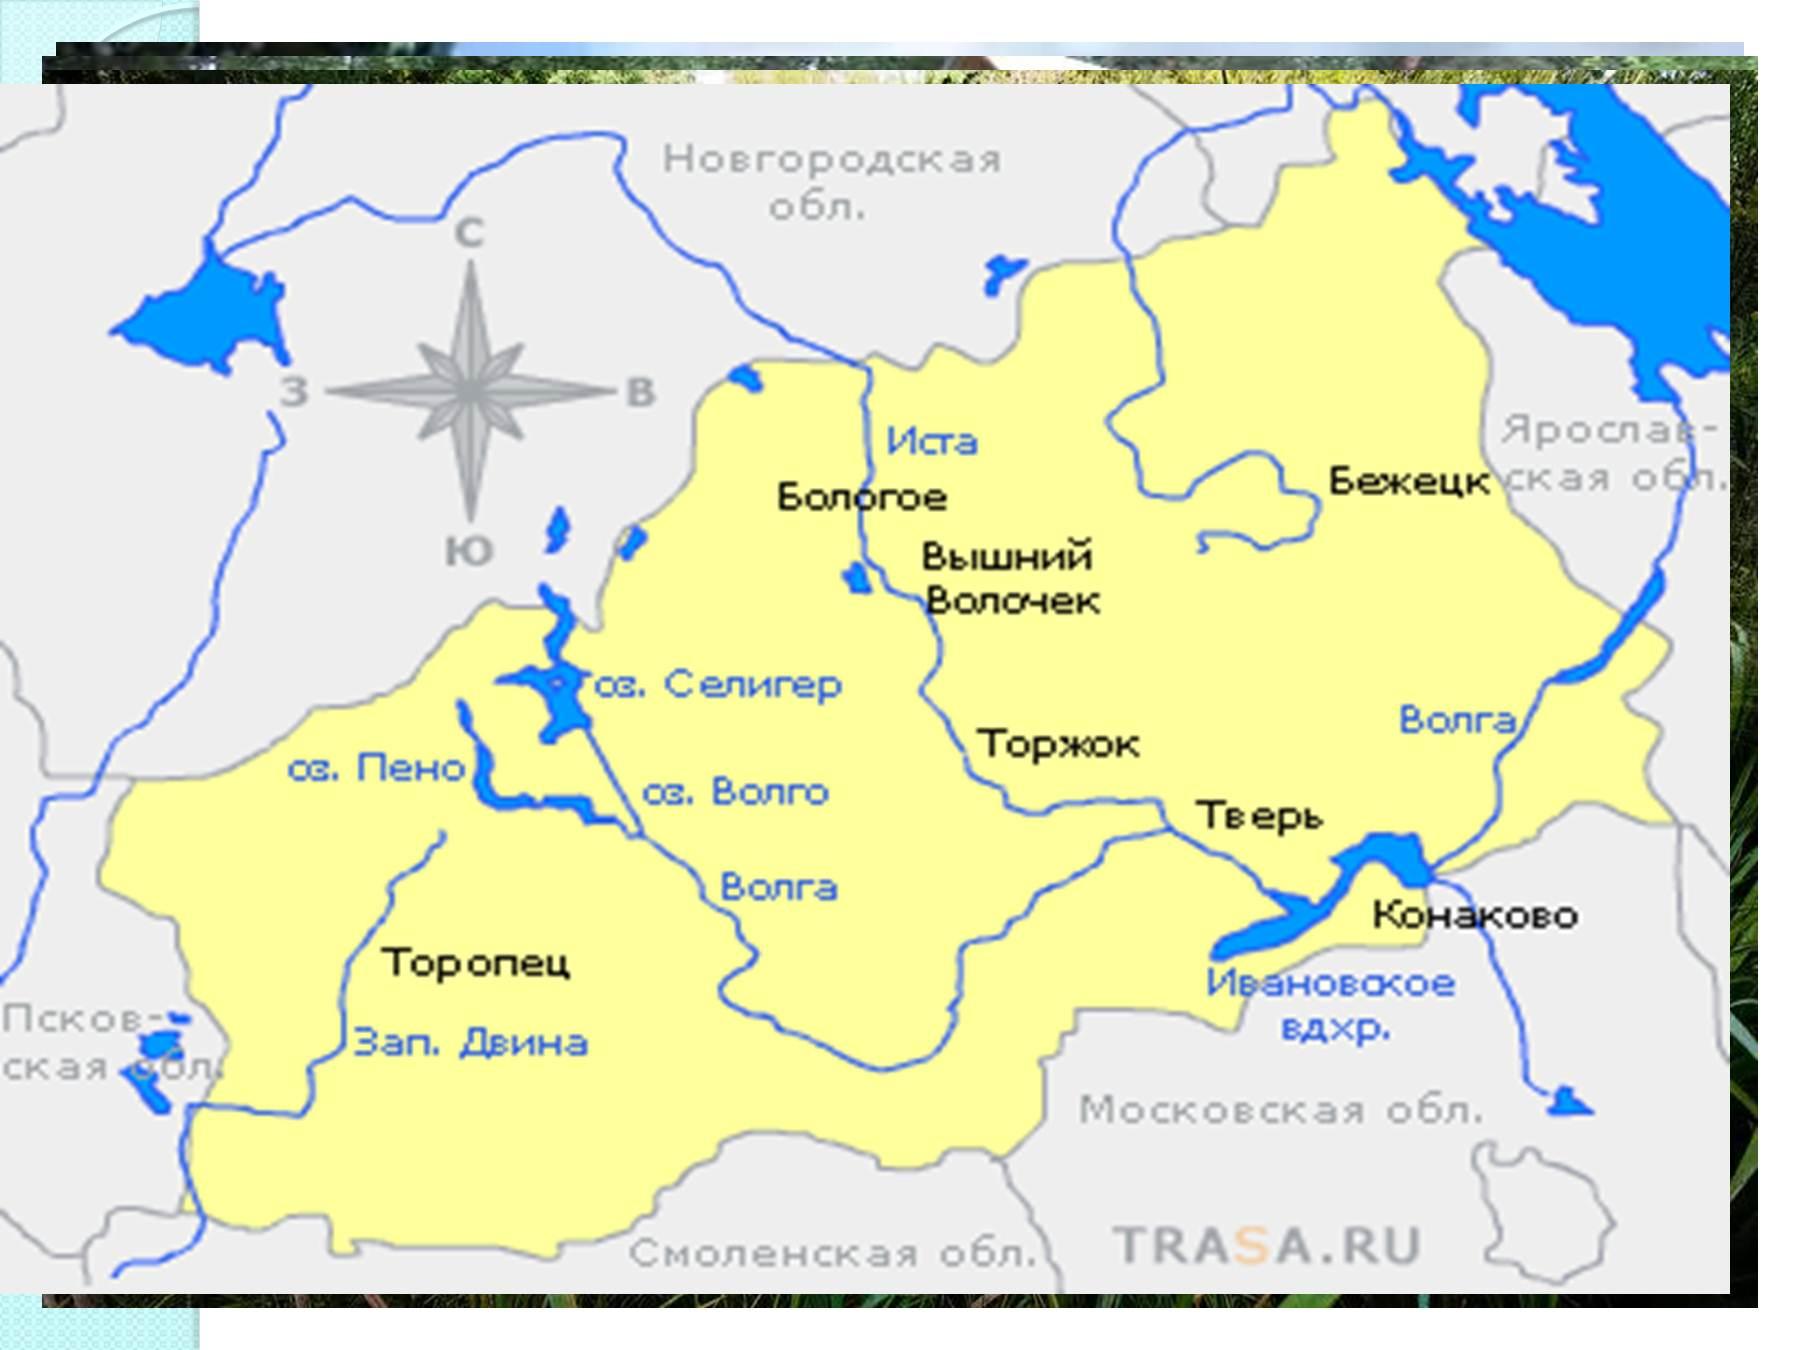 Земельный участок 160 соток в осеченке п, вышневолоцком районе, тверской области - 120 00000 руб - изображение 2